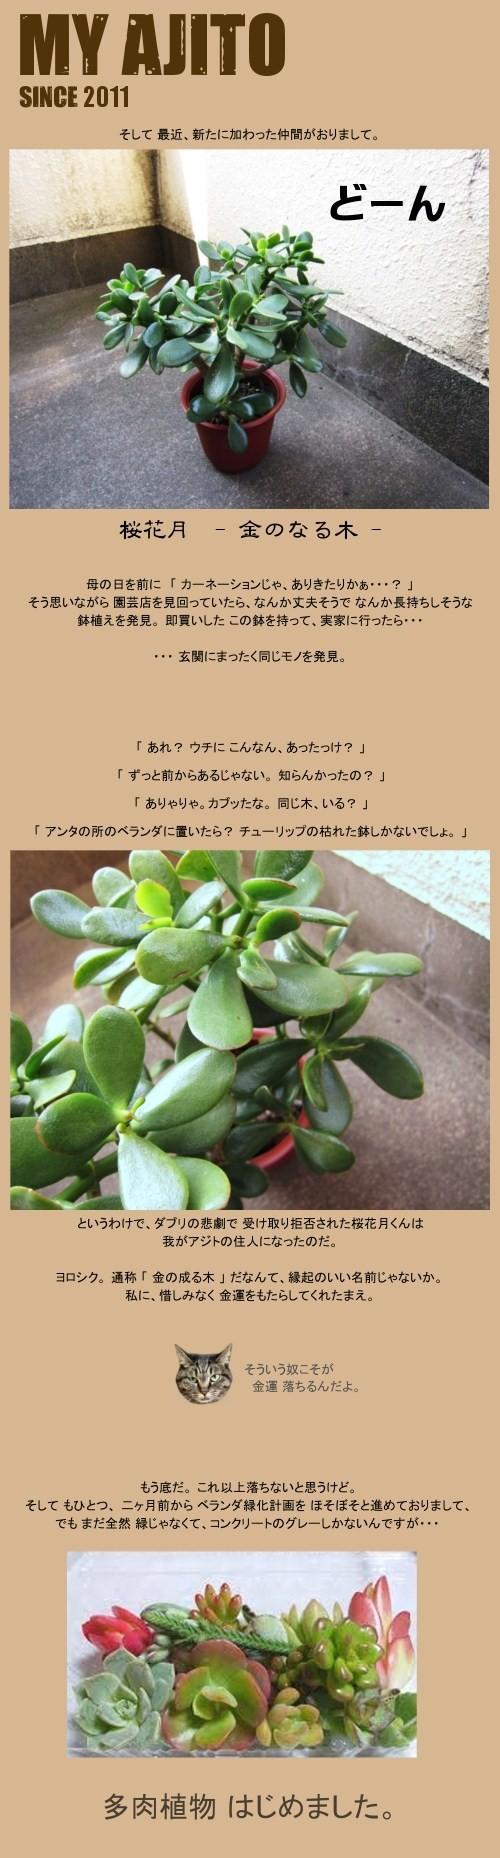 taniku_2.jpg